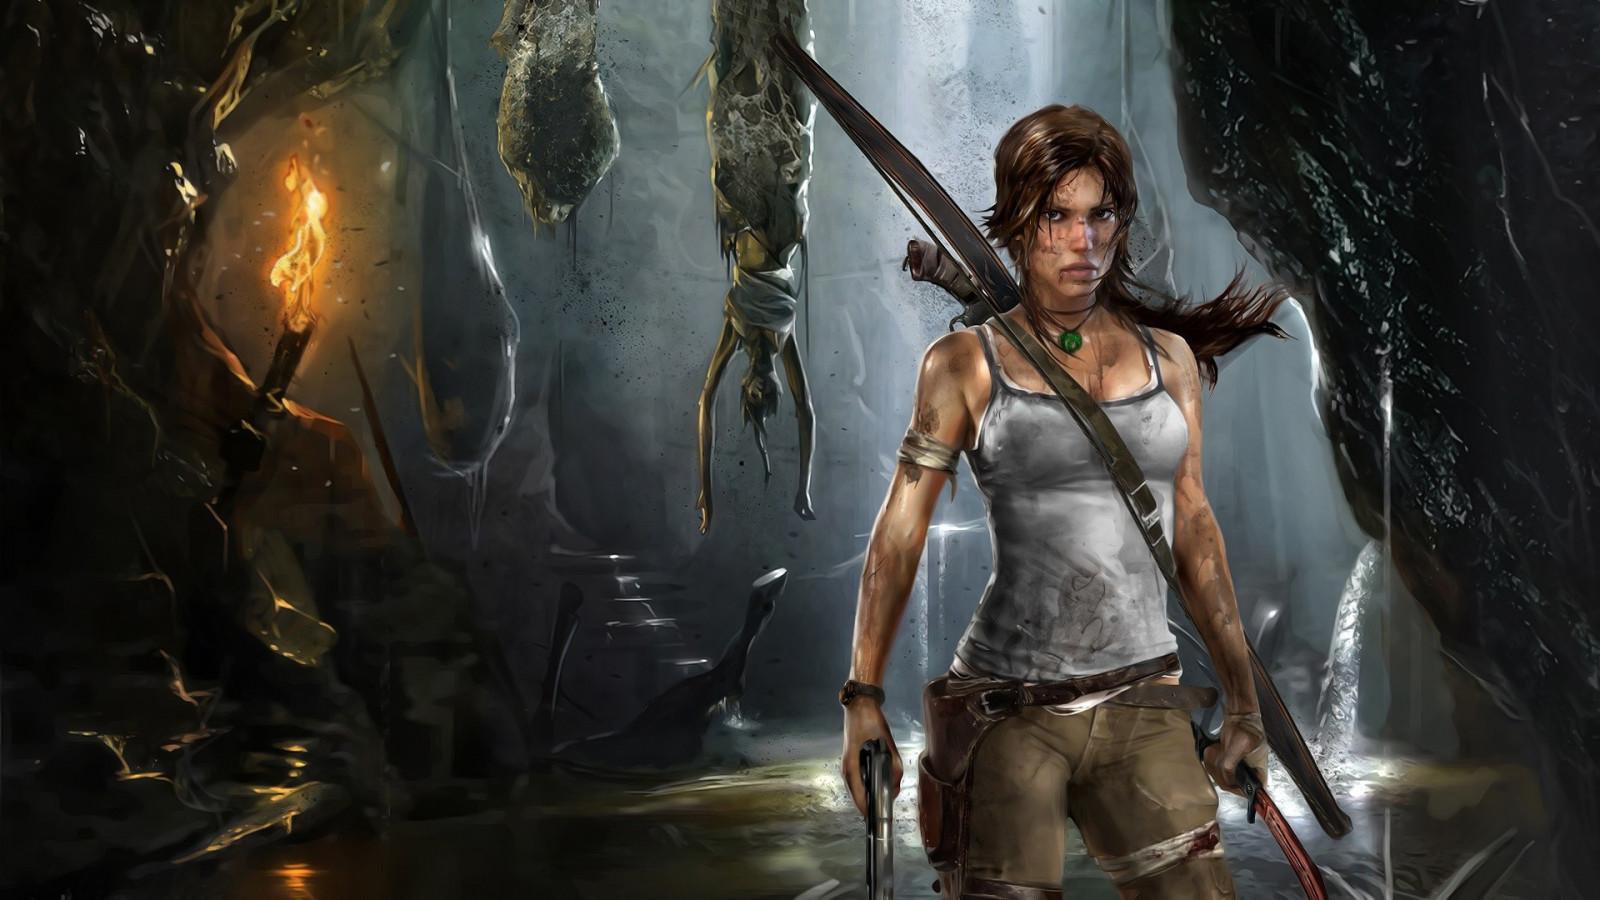 Lara kroft porn thumbs